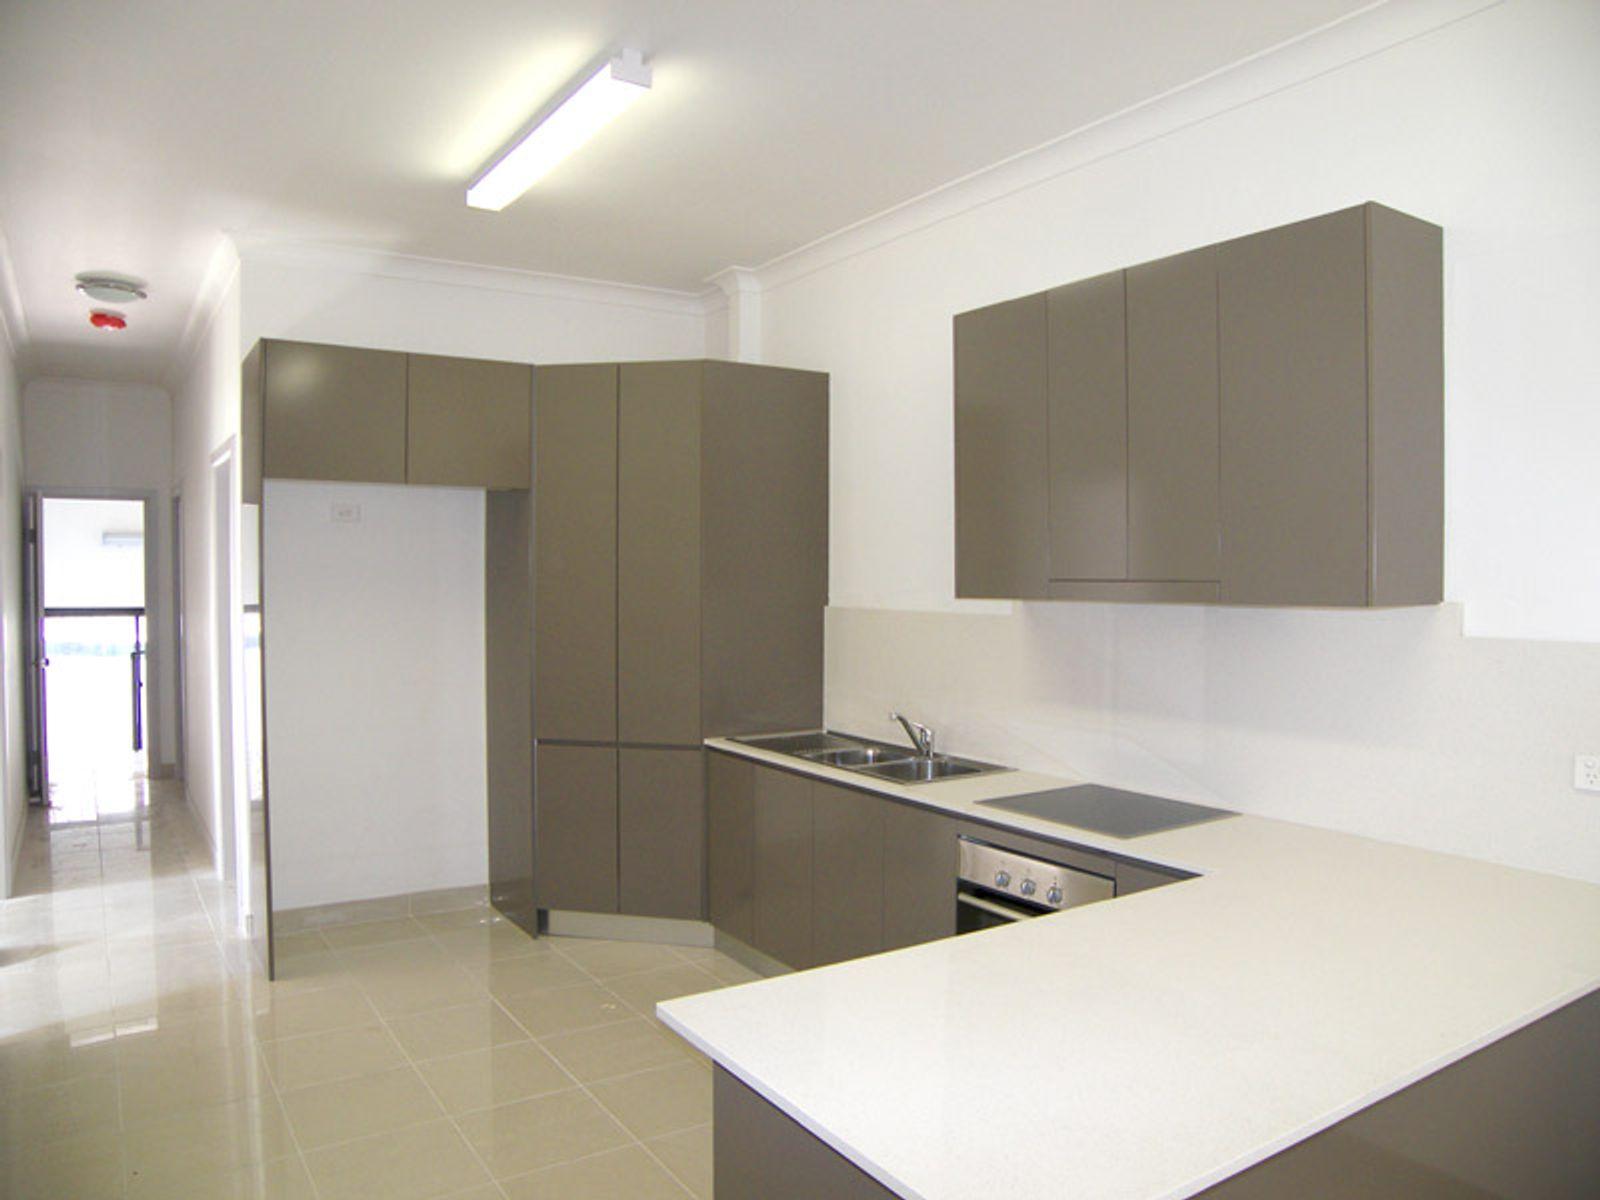 1 /397 Illawarra Road, Marrickville, NSW 2204